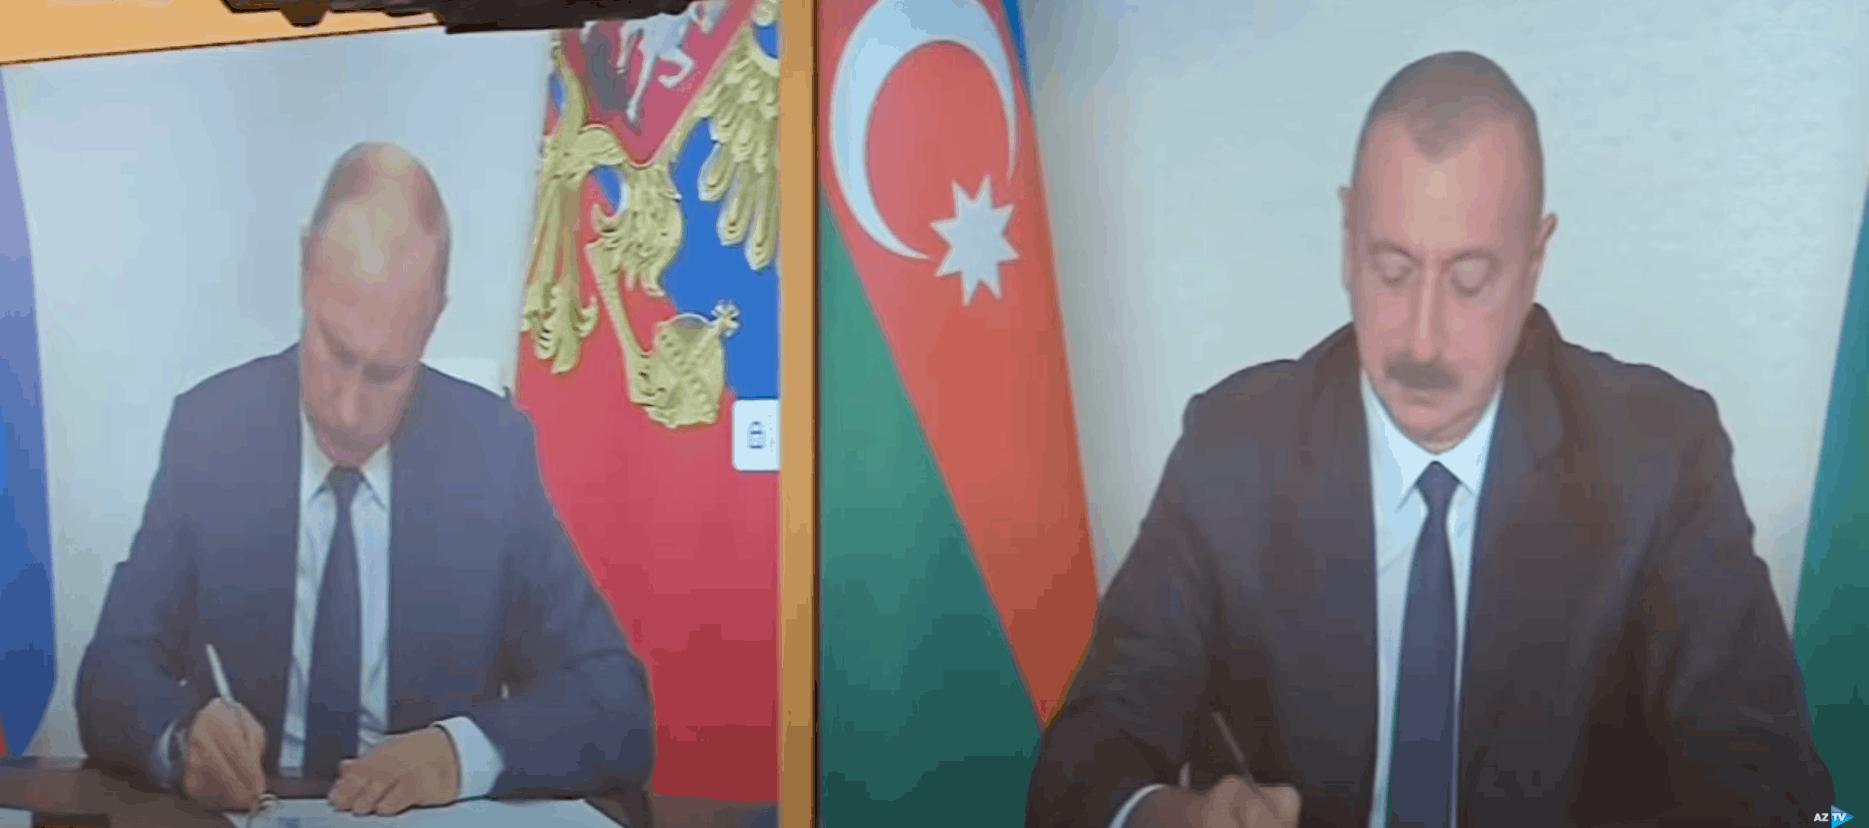 До Нагірного Карабаху зайдуть миротворці Росії та Туреччини. Підписання документу по Нагірному Карабаху